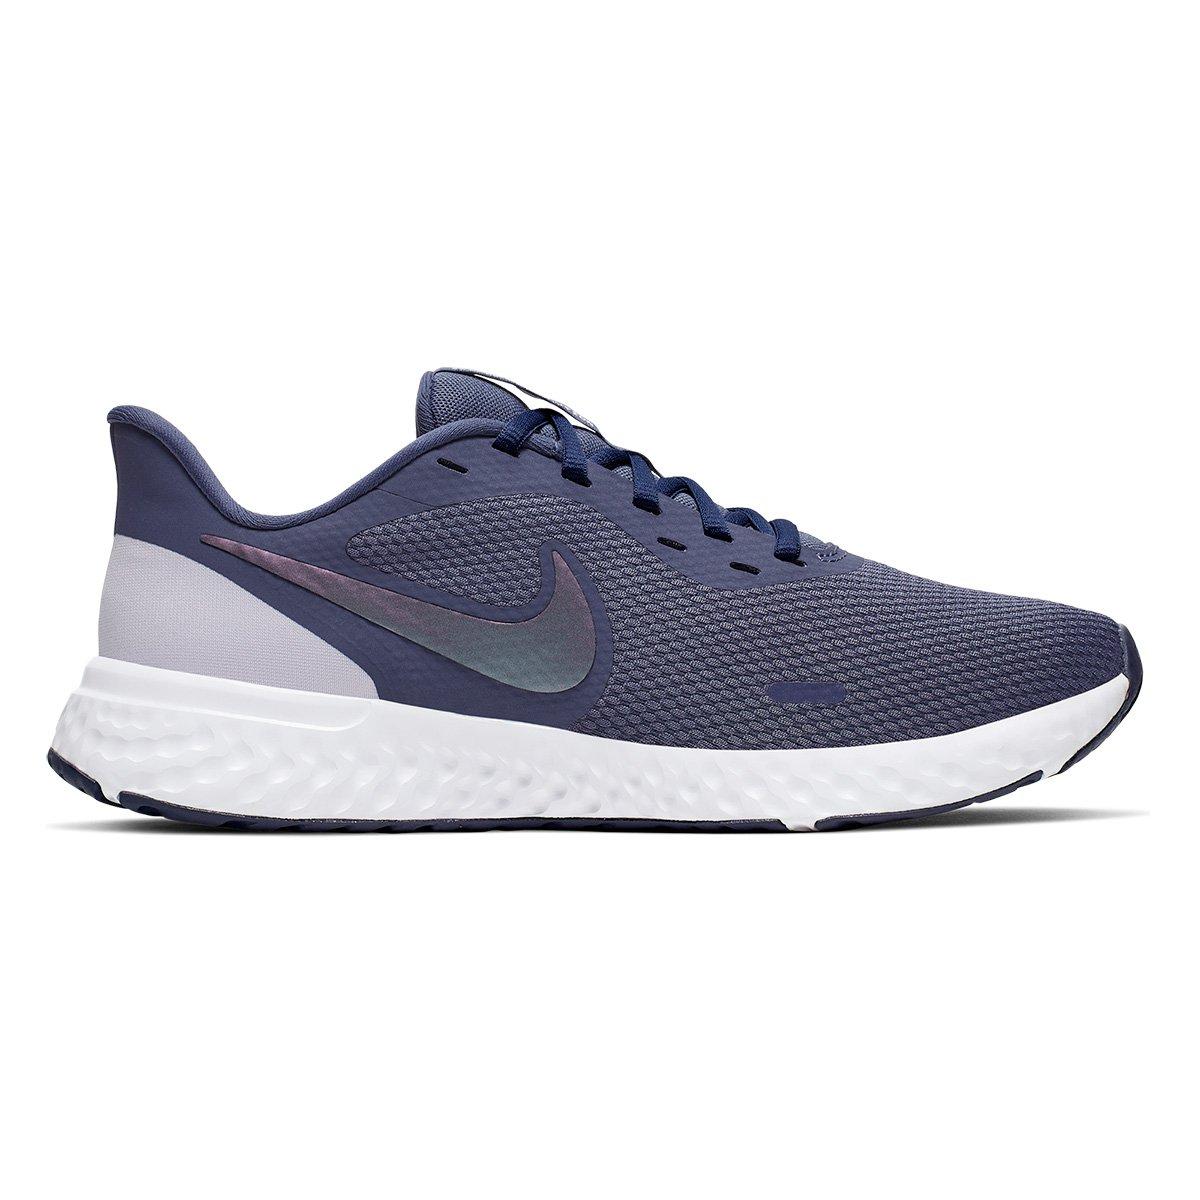 Tênis Nike Revolution 5 Feminino - Tam: 35 - 1